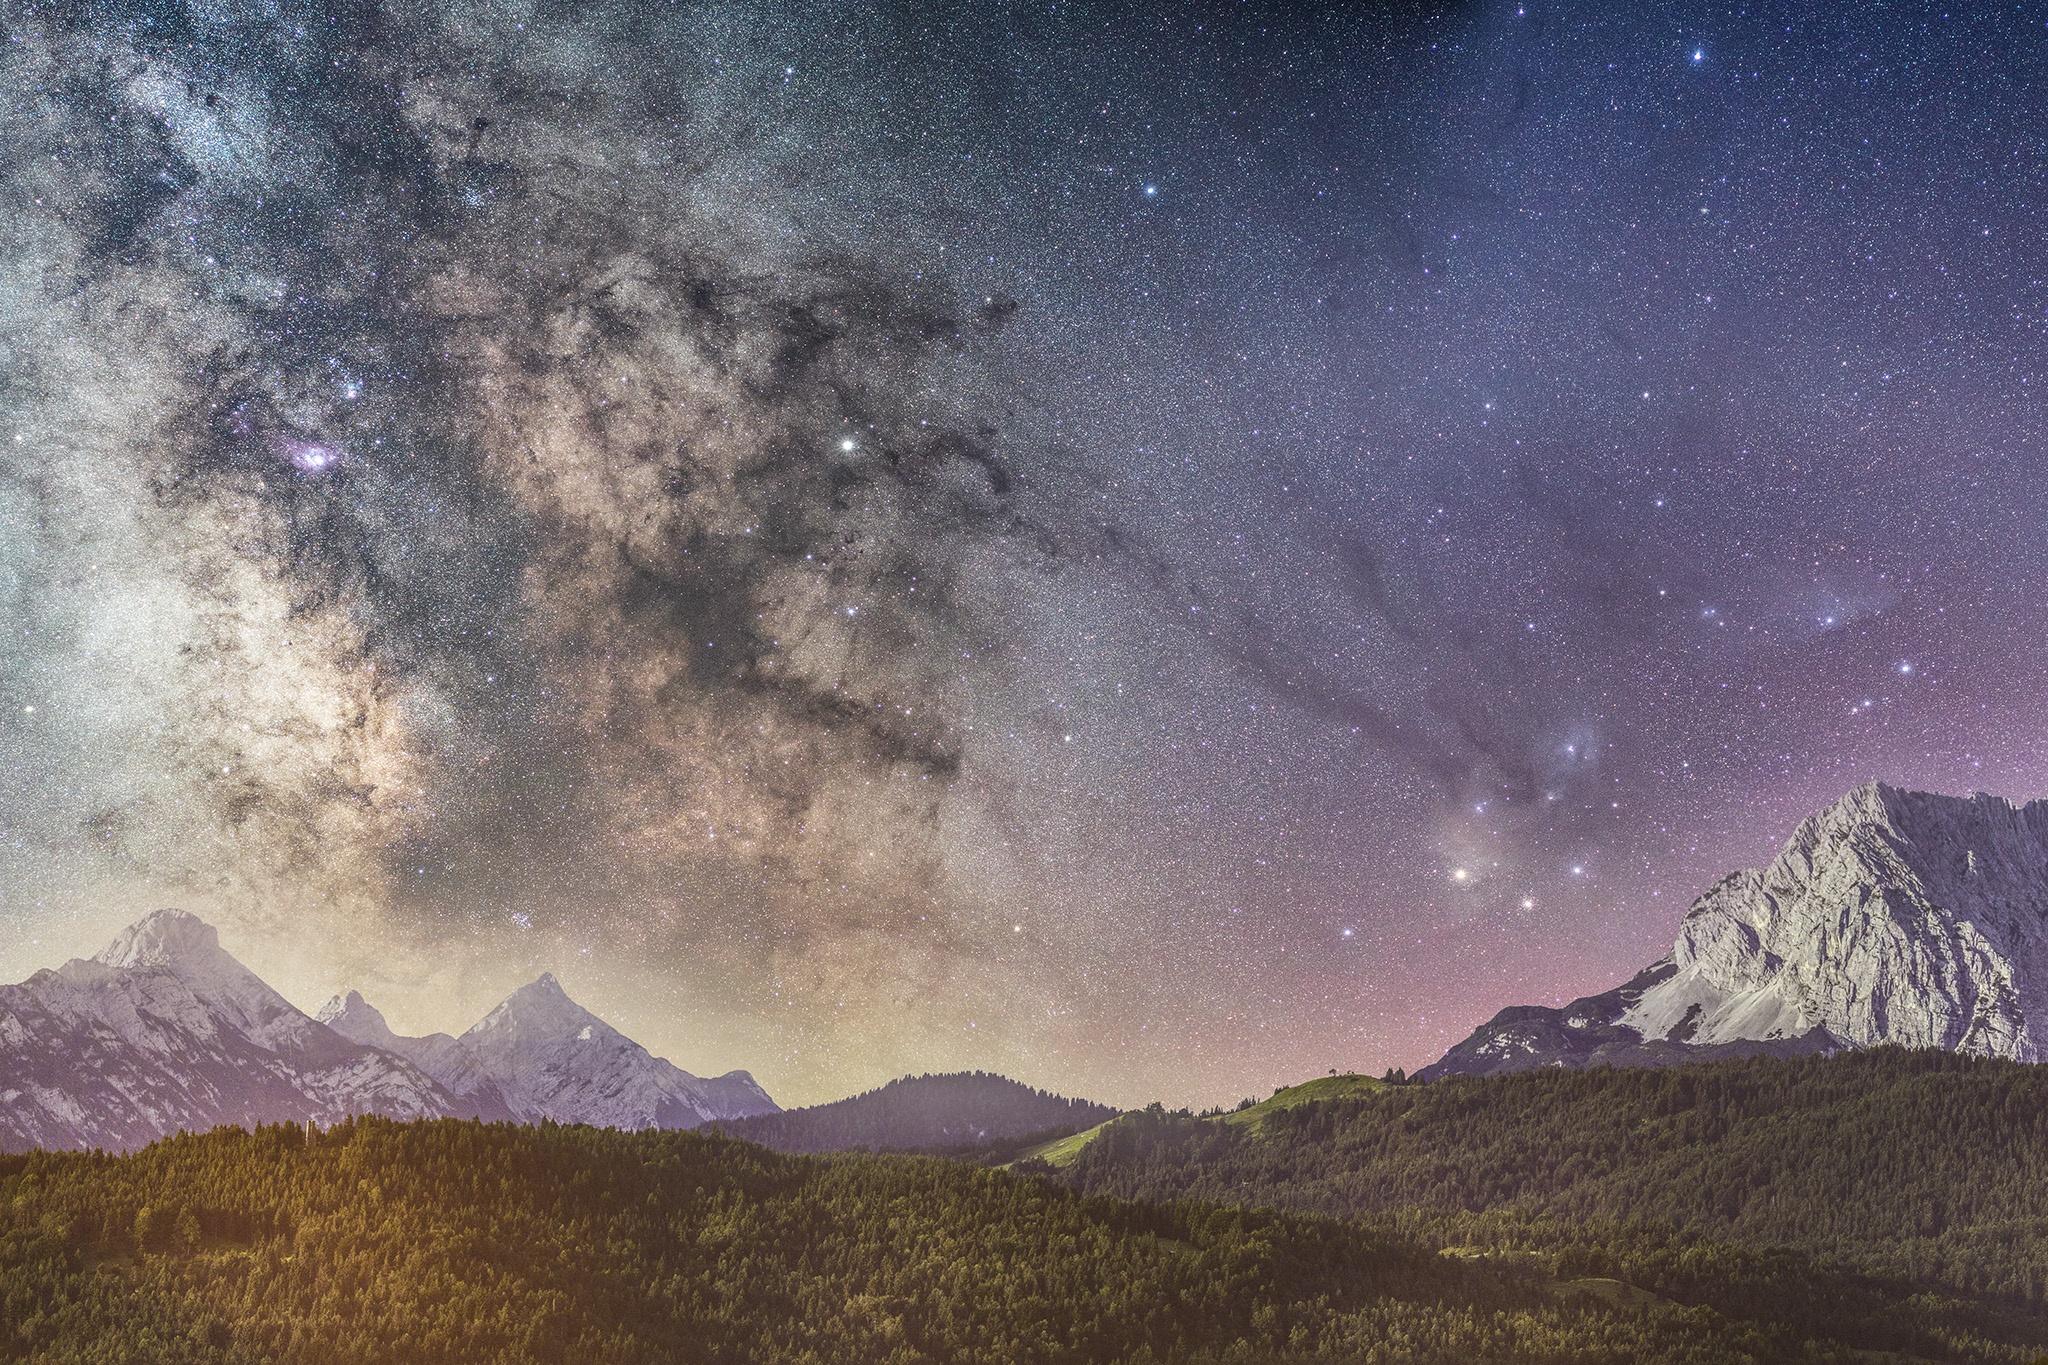 Eine extreme Langzeitbelichtung einer absolut klaren Julinacht im Oberen Isartal bei Krün. Der aufgehende Mond bringt von rechts Licht in die Landschaft und erleuchtet die Arnspitzen Kranzberg und Wetterstein.